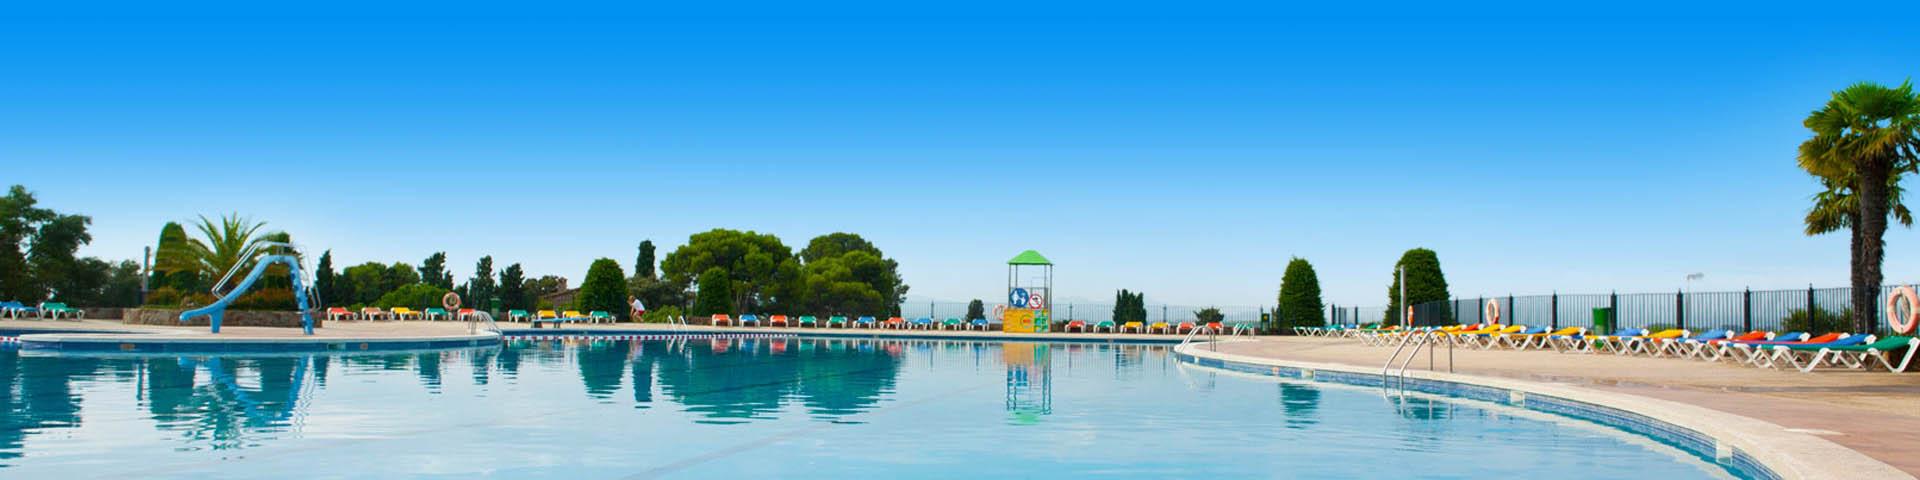 Zwembad op een camping met gekleurde ligbedjes en een glijbaan